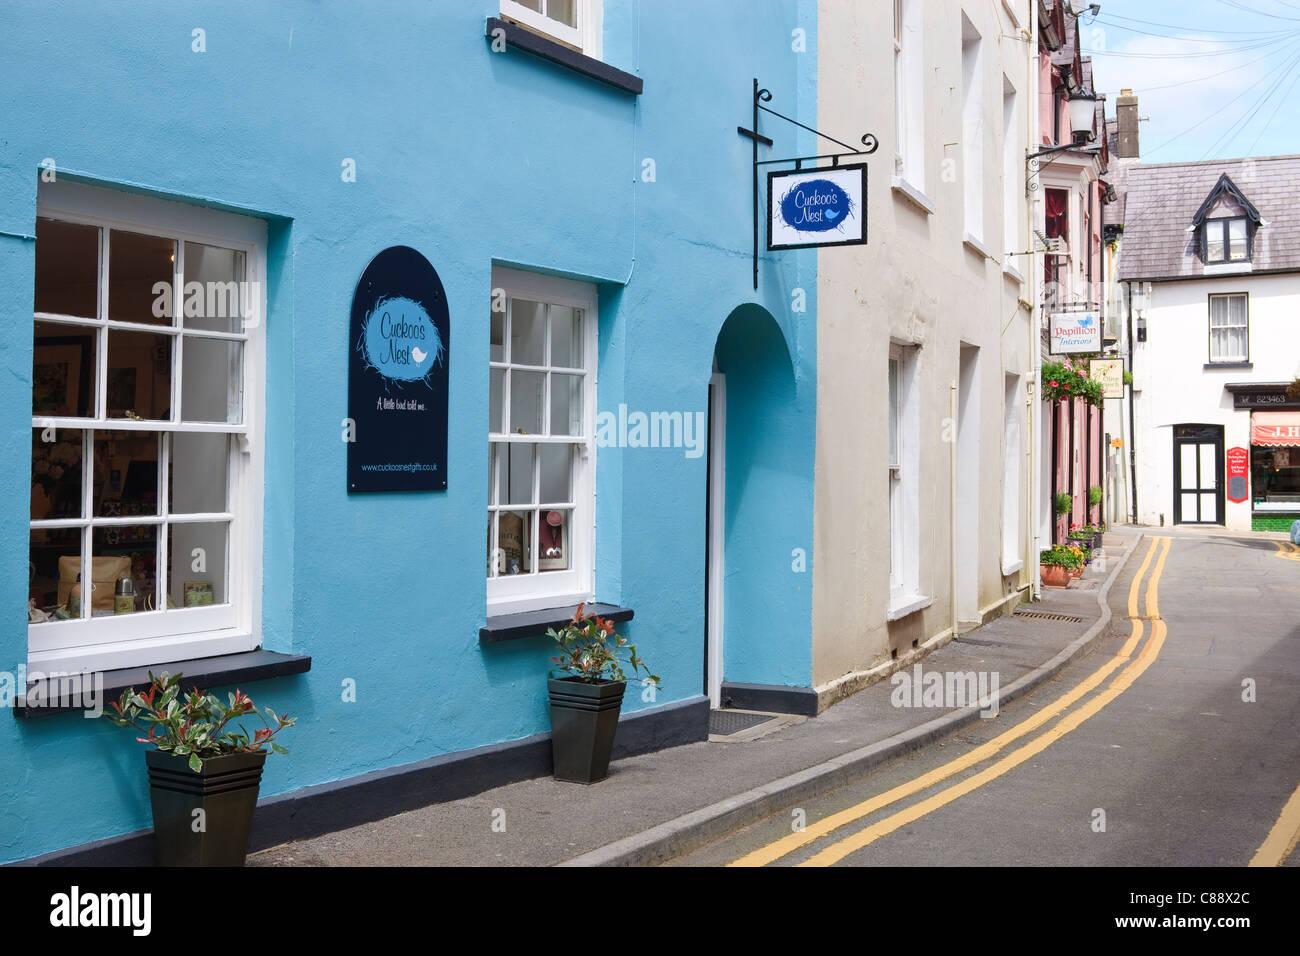 Llandeilo Carmarthenshire Wales - Stock Image